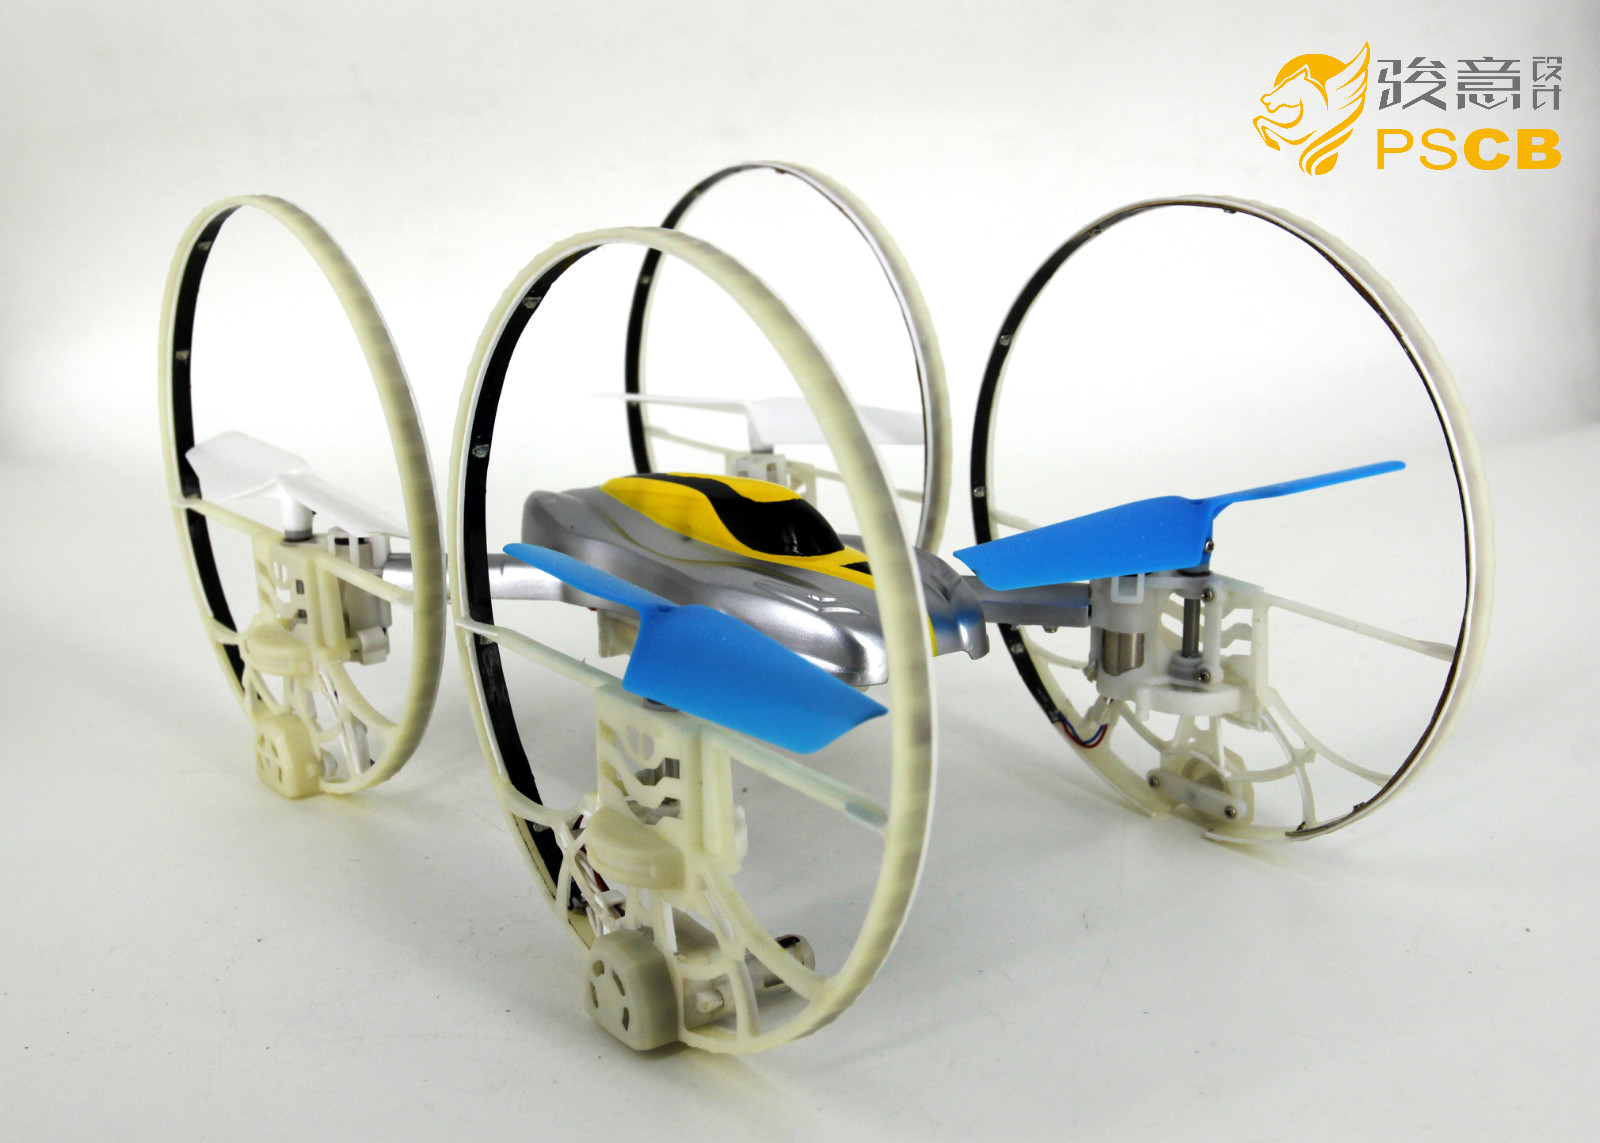 玩具手板模型制作